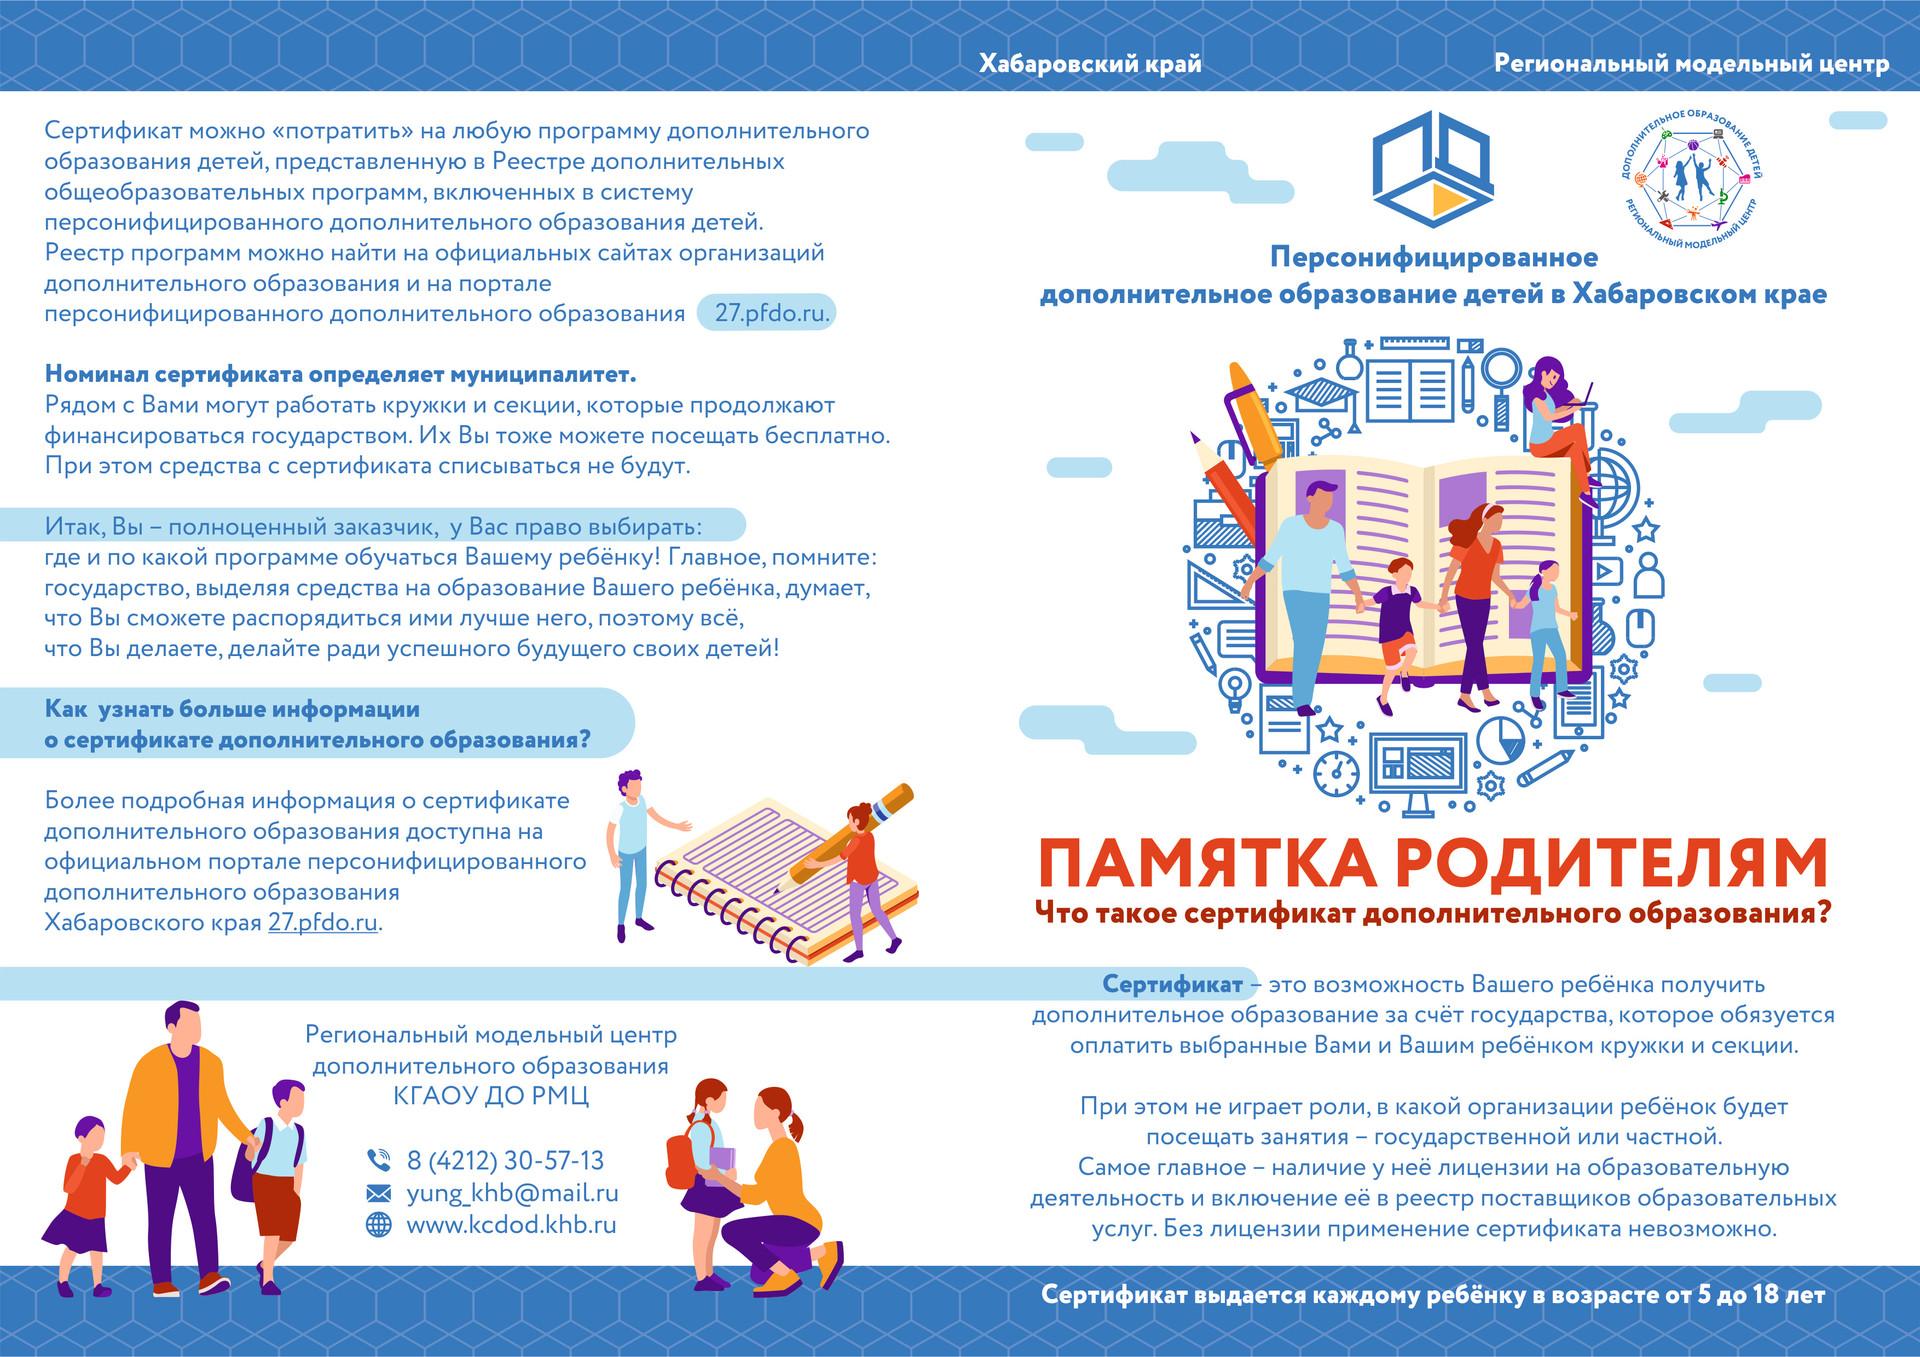 Буклет А5 Памятка родителям1 (1).jpg